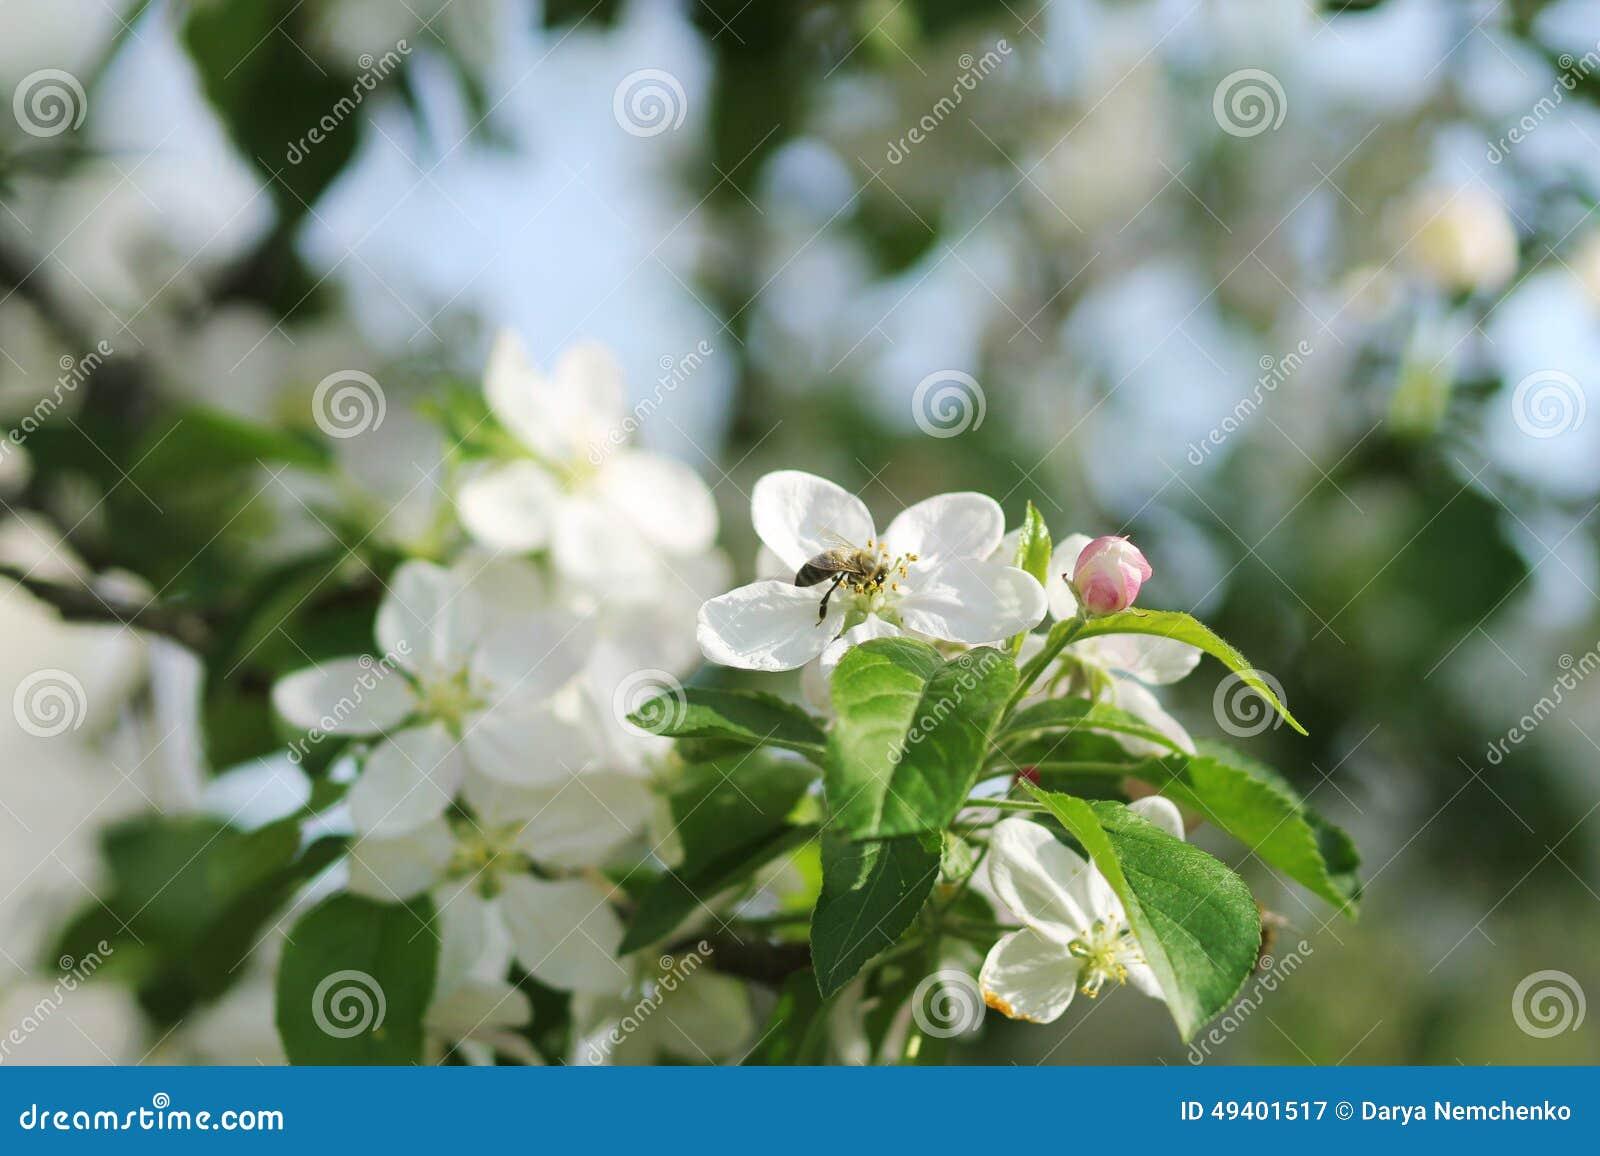 Download Blühender Apfelbaum stockbild. Bild von blüte, fauna - 49401517